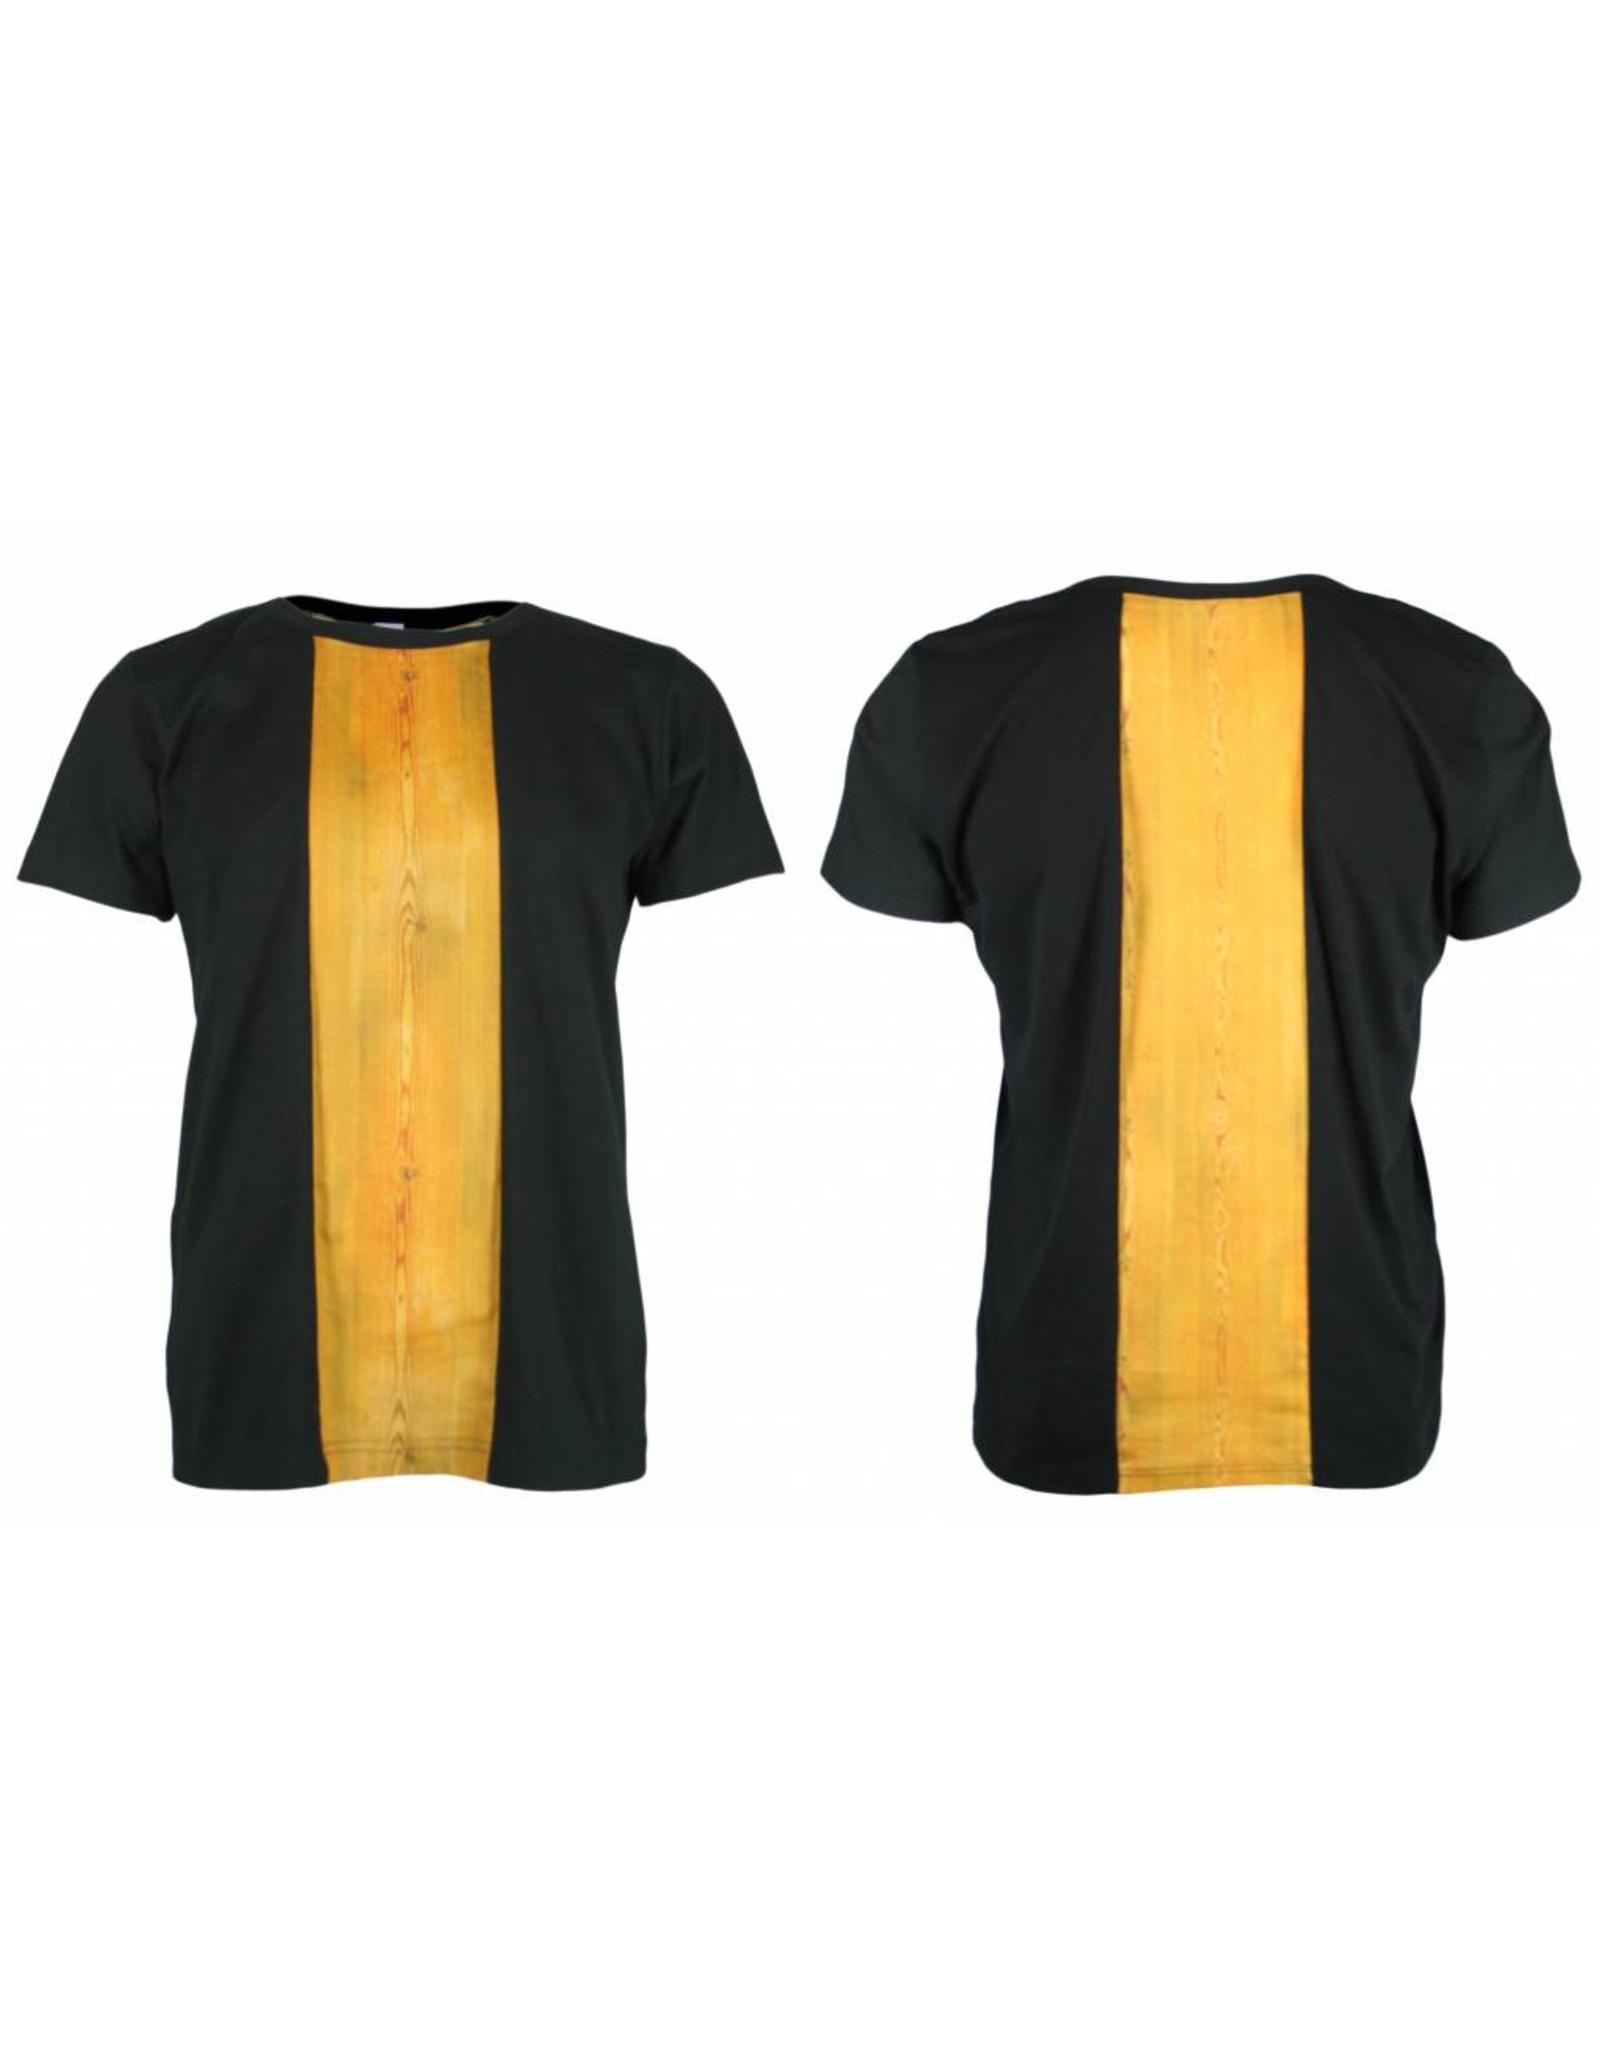 format RACE shirt